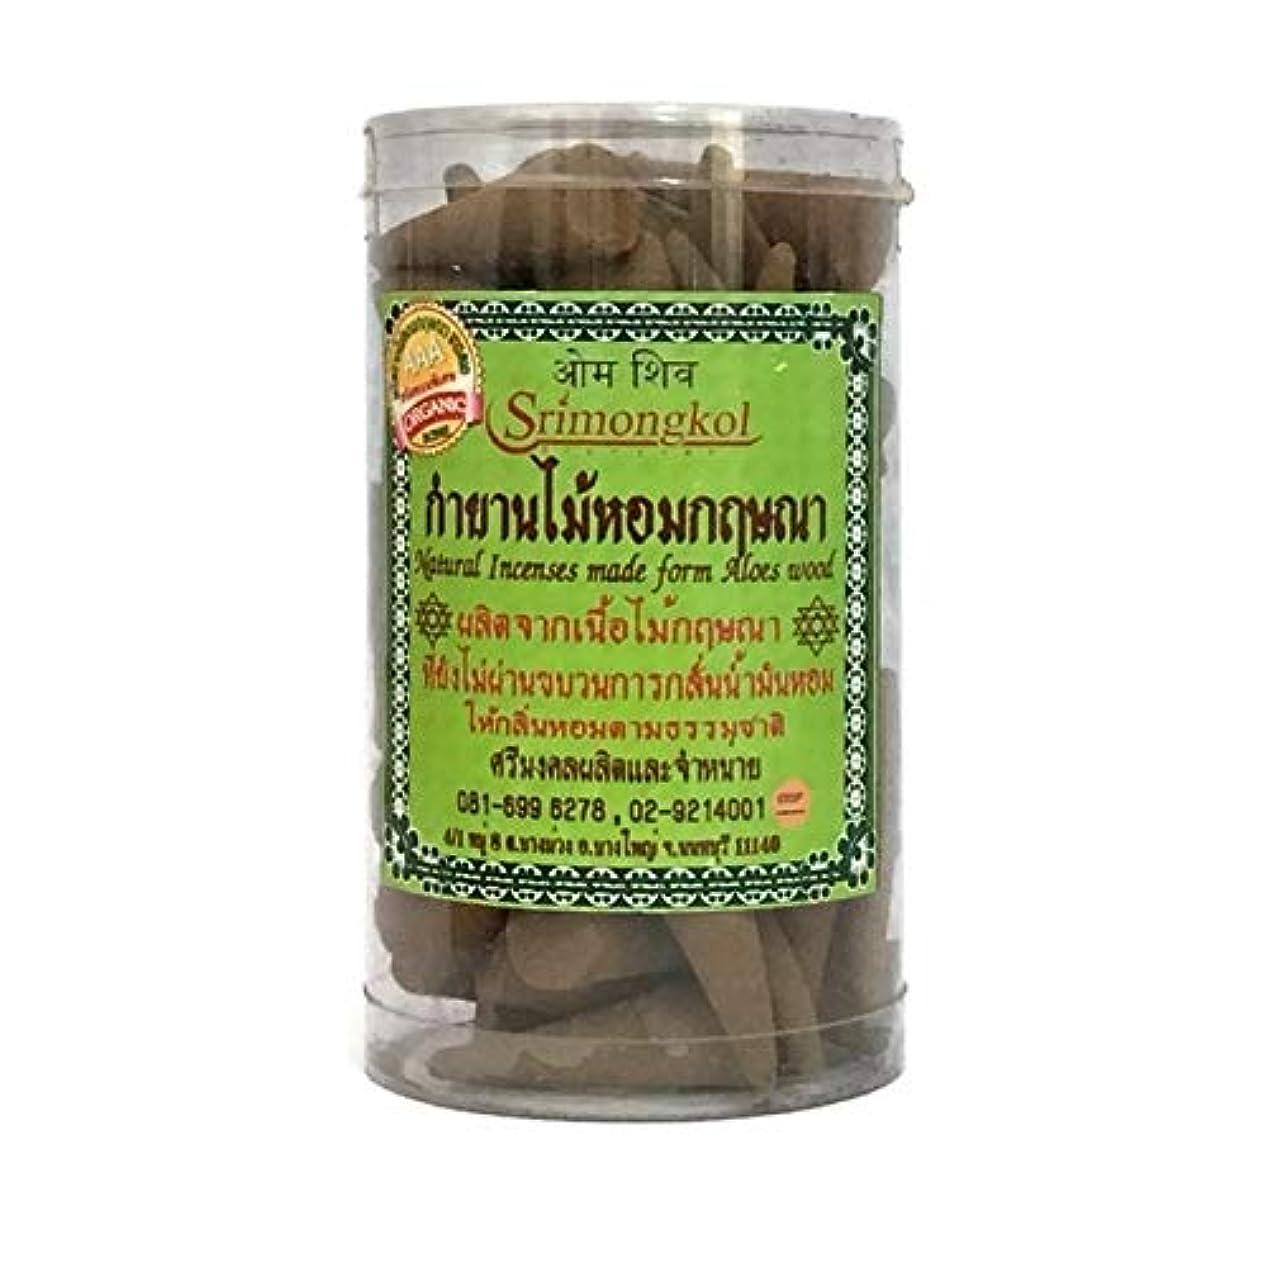 カヌー佐賀アルコーブSrimongkol Agarwood Natural Incense Cones 200 Grams Grade AAA Organic (No Chemical :::Srimongkol Agarwoodナチュラル...